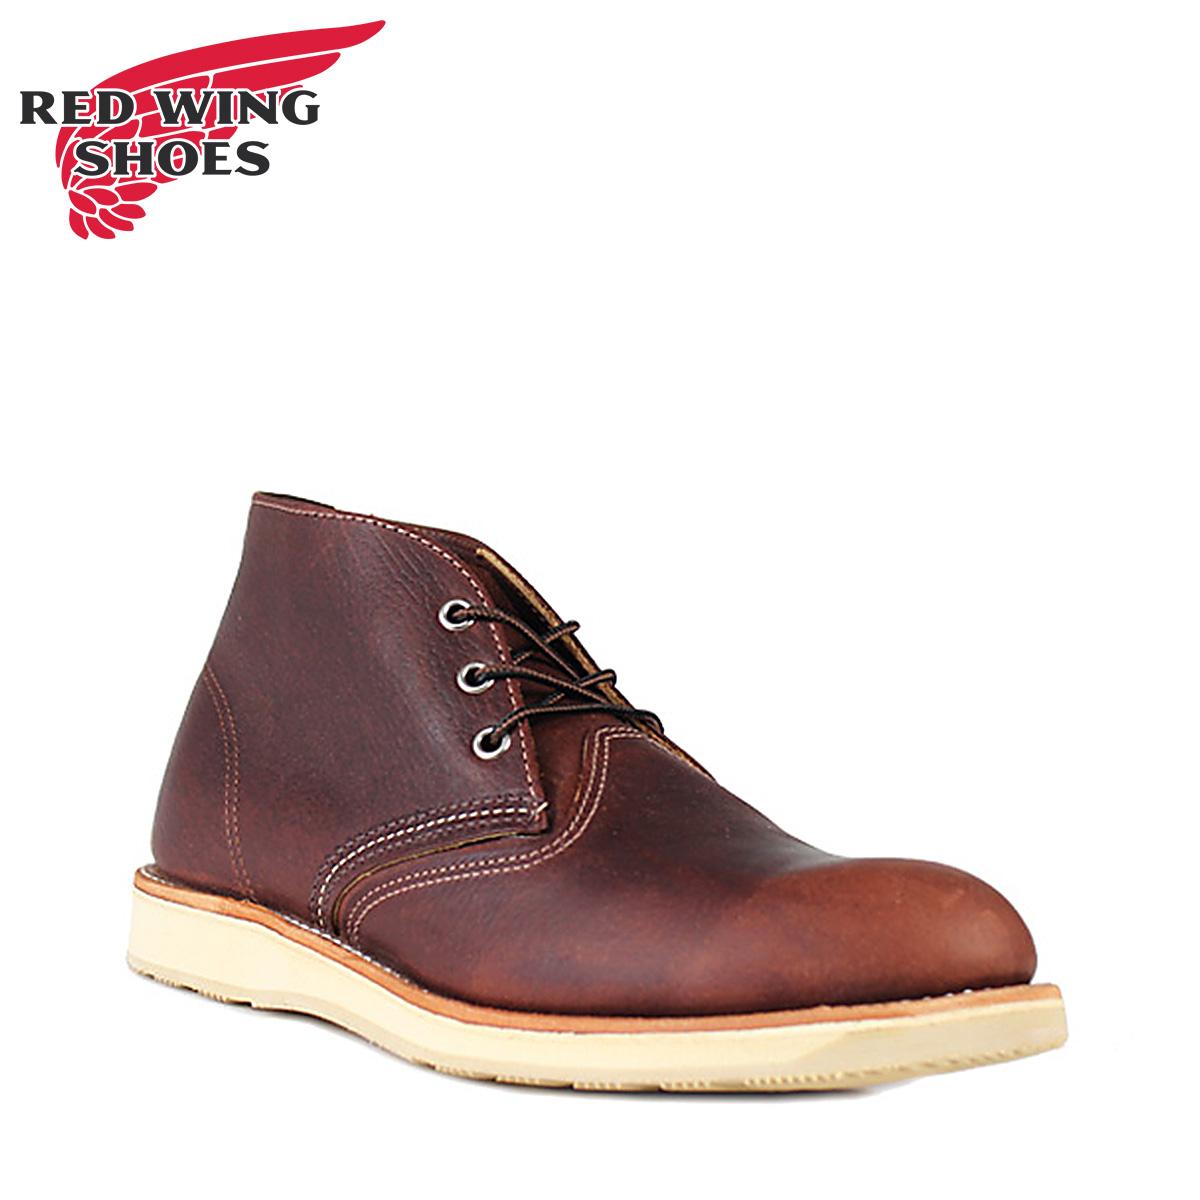 RED WING レッドウィング ブーツ チャッカブーツ クラシック メンズ CLASSIC CHUKKA Dワイズ ブラウン 3141